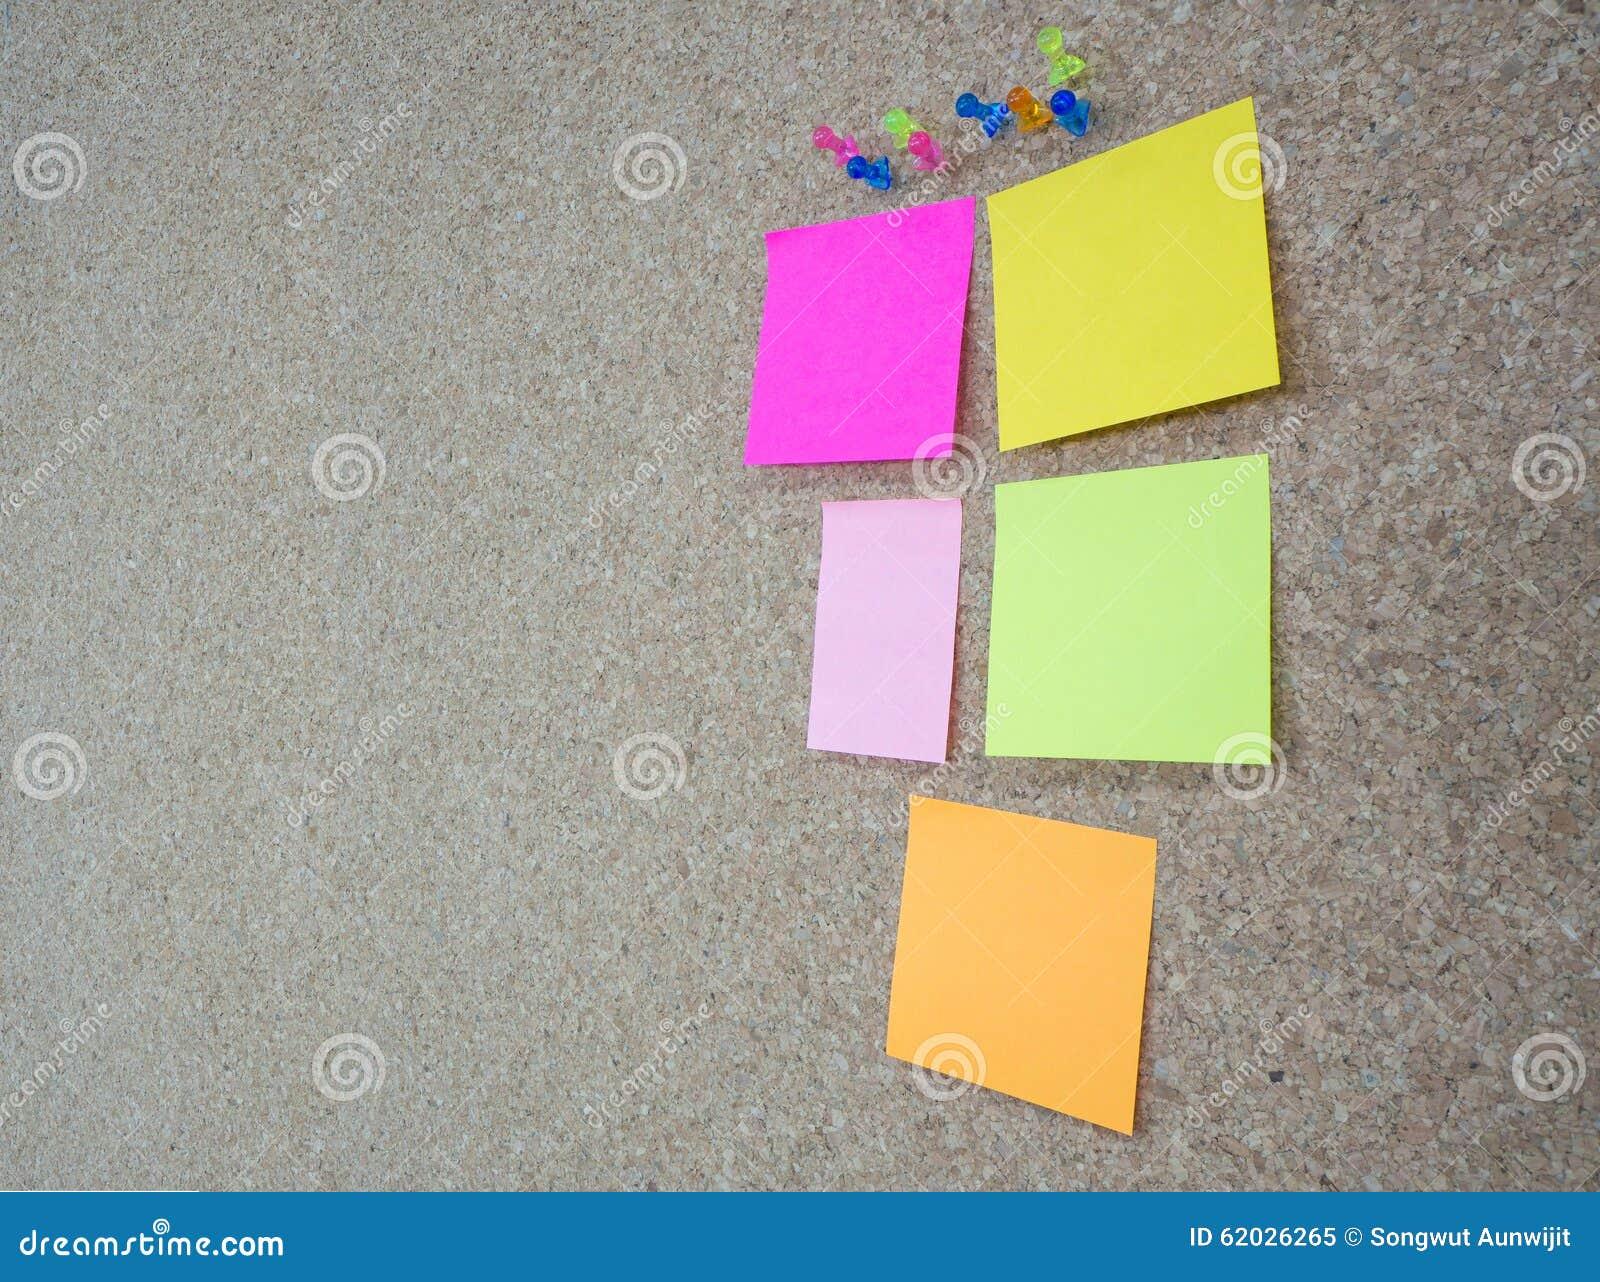 Grupa thumbtacks przyczepiający i memorandum notatki na korku wsiadamy